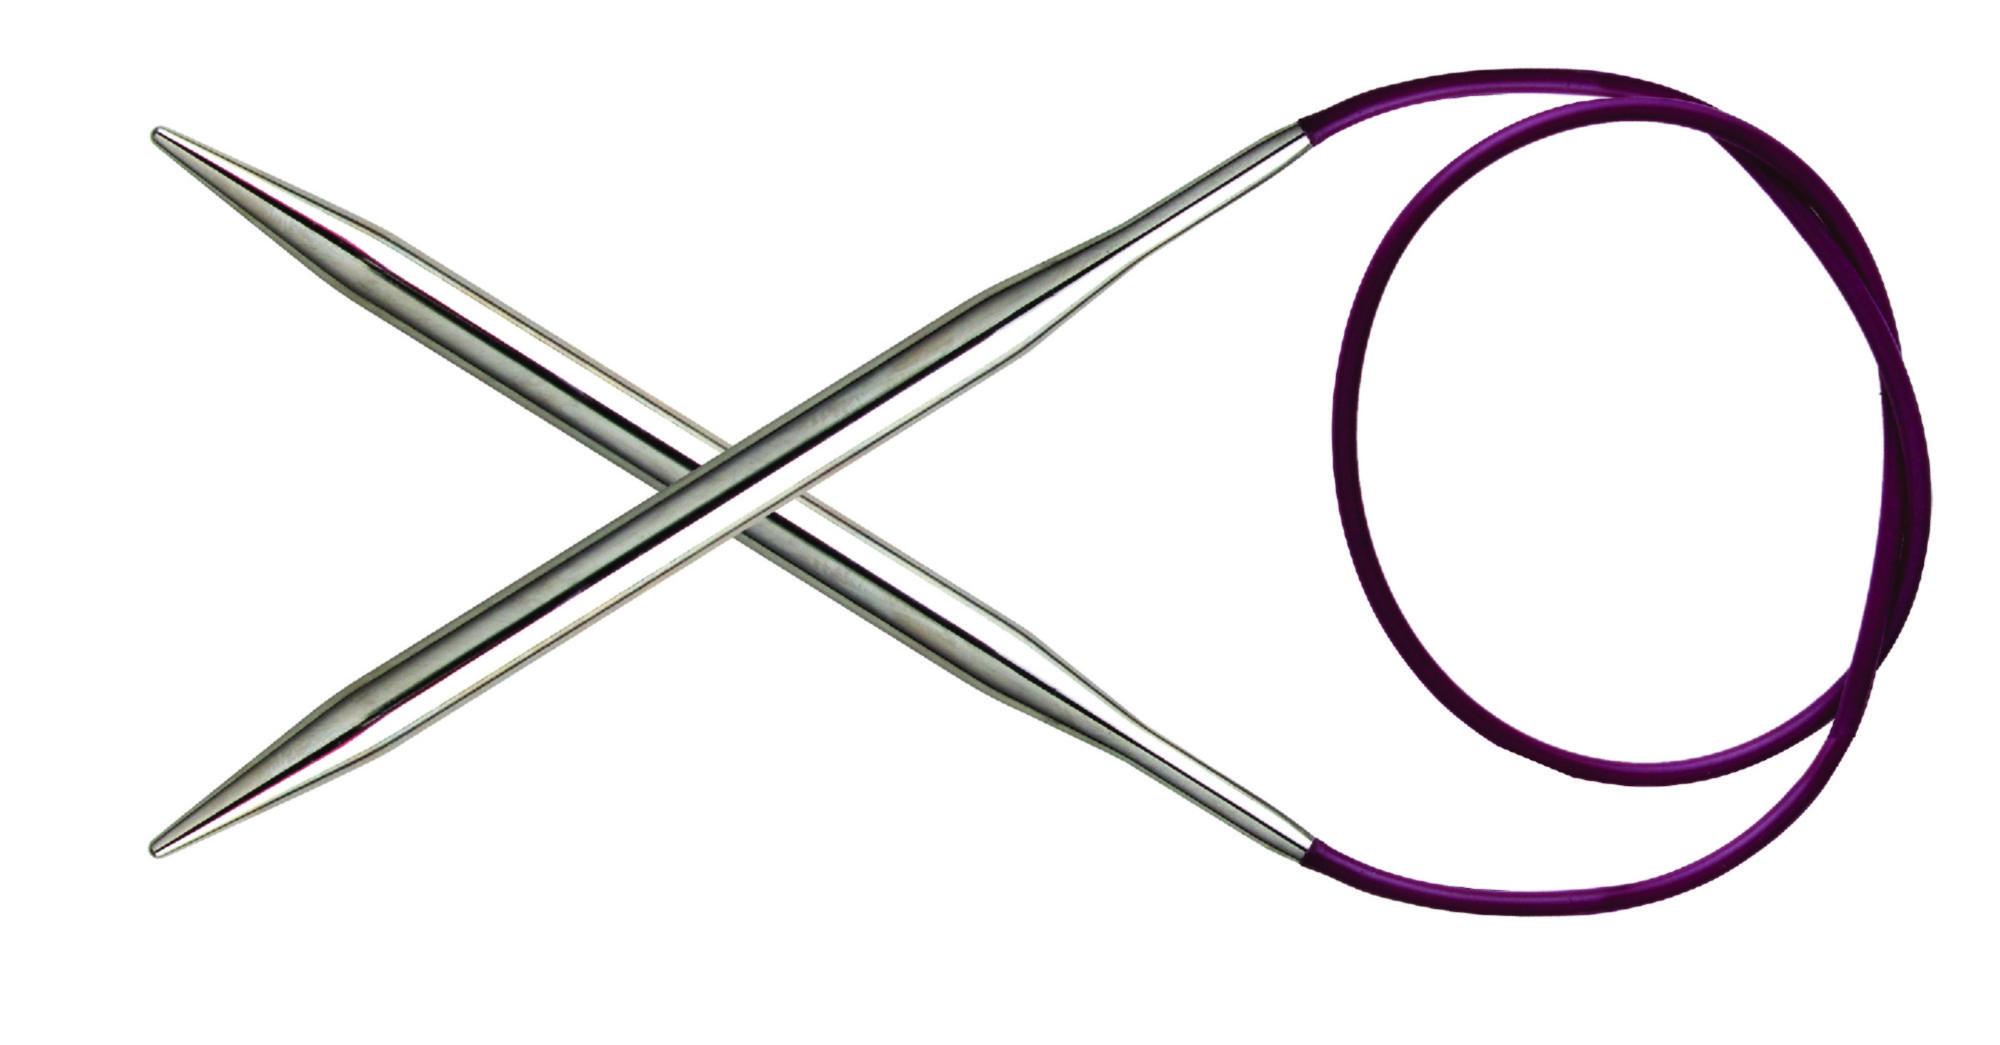 Спицы круговые 120 см Nova Metal KnitPro, 11367, 4.00 мм